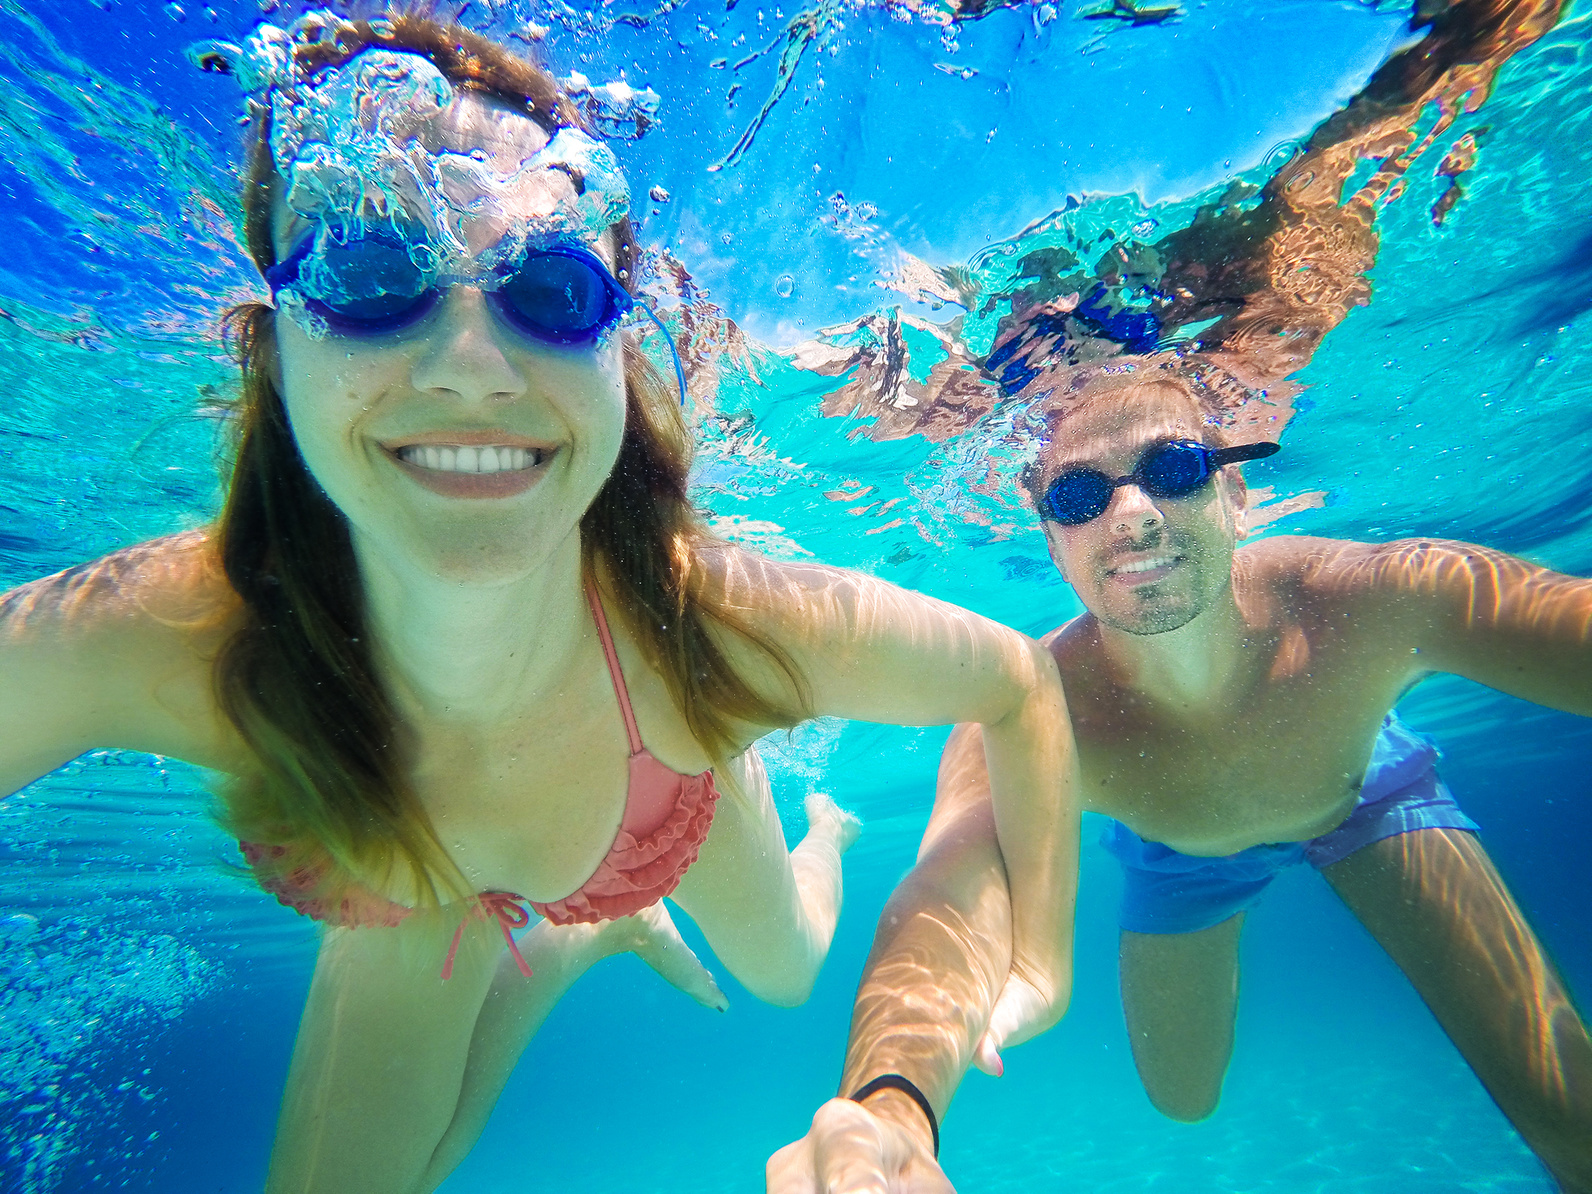 La piscina el mejor gimnasio para mantenerse siempre joven - Agua de la piscina turbia ...